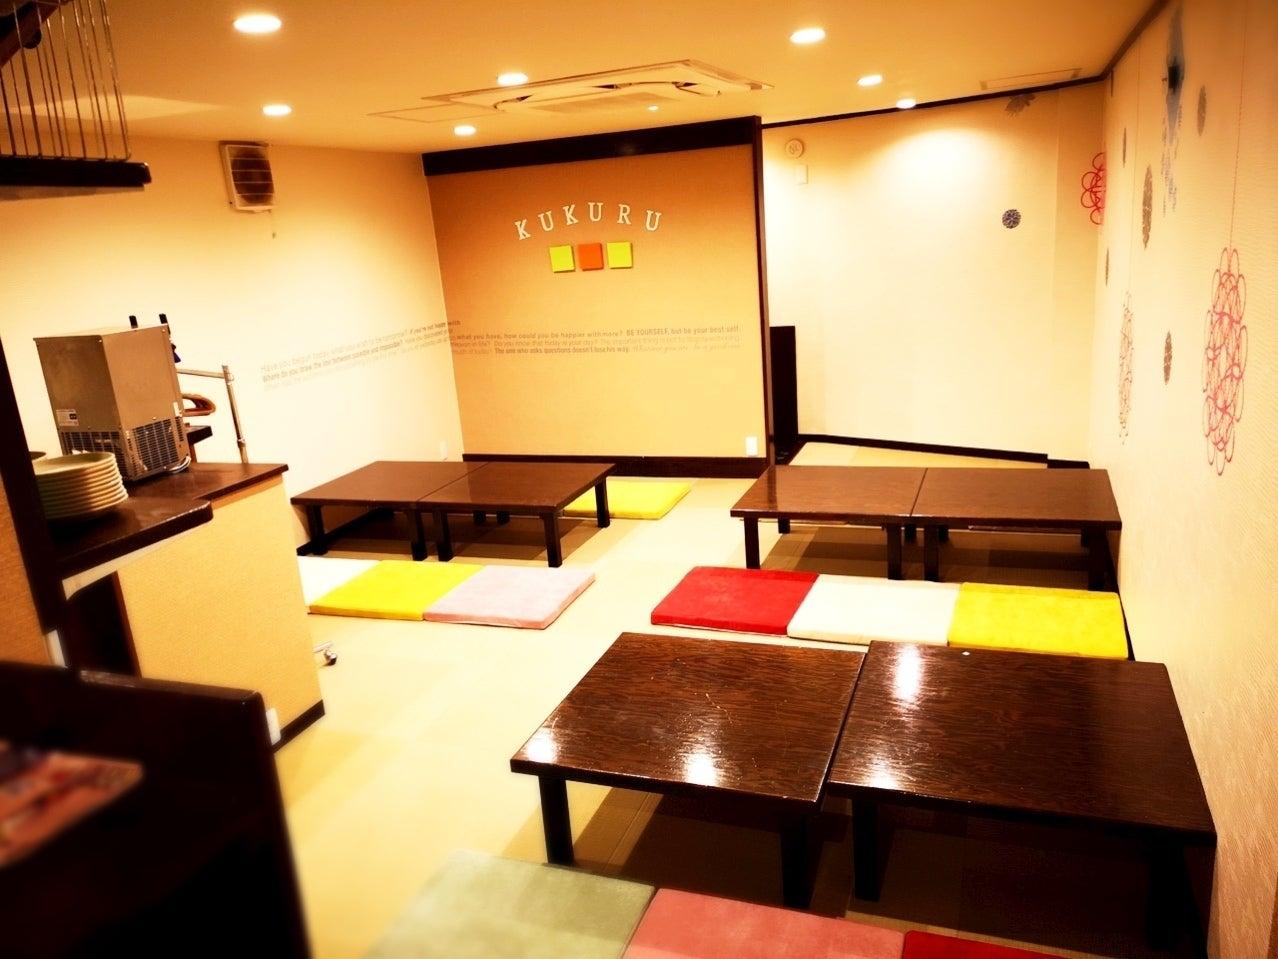 【阪神武庫川•鳴尾】オシャレ和テイストなキッチン付きレンタルルーム(【阪神武庫川•鳴尾】和空間なキッチン付きレンタルルーム KUKURU(和室)) の写真0